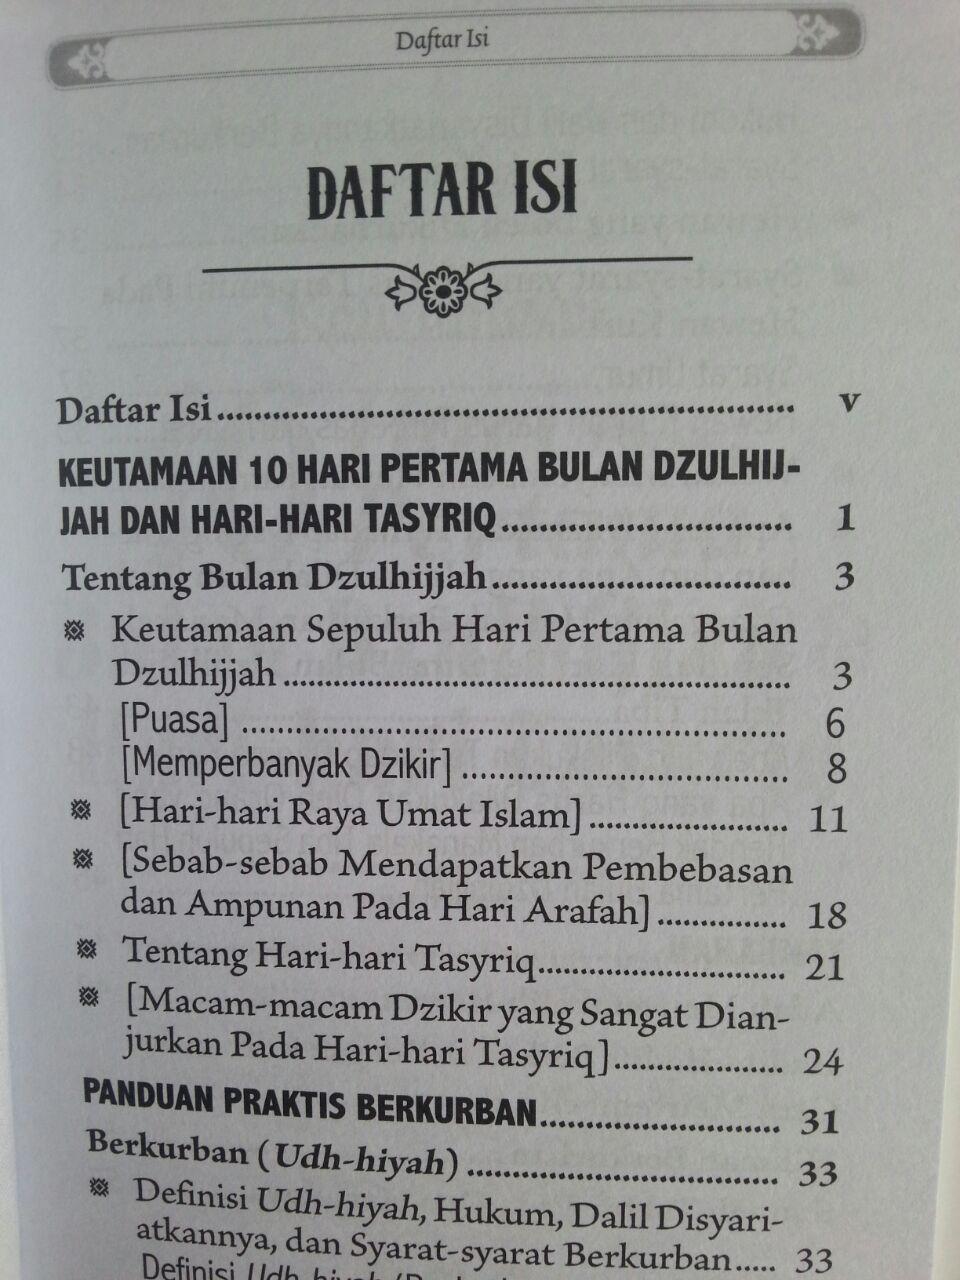 Buku Saku Keutamaan 10 Hari Pertama Bulan Dzulhijjah Tasyriq Kurban isi 2